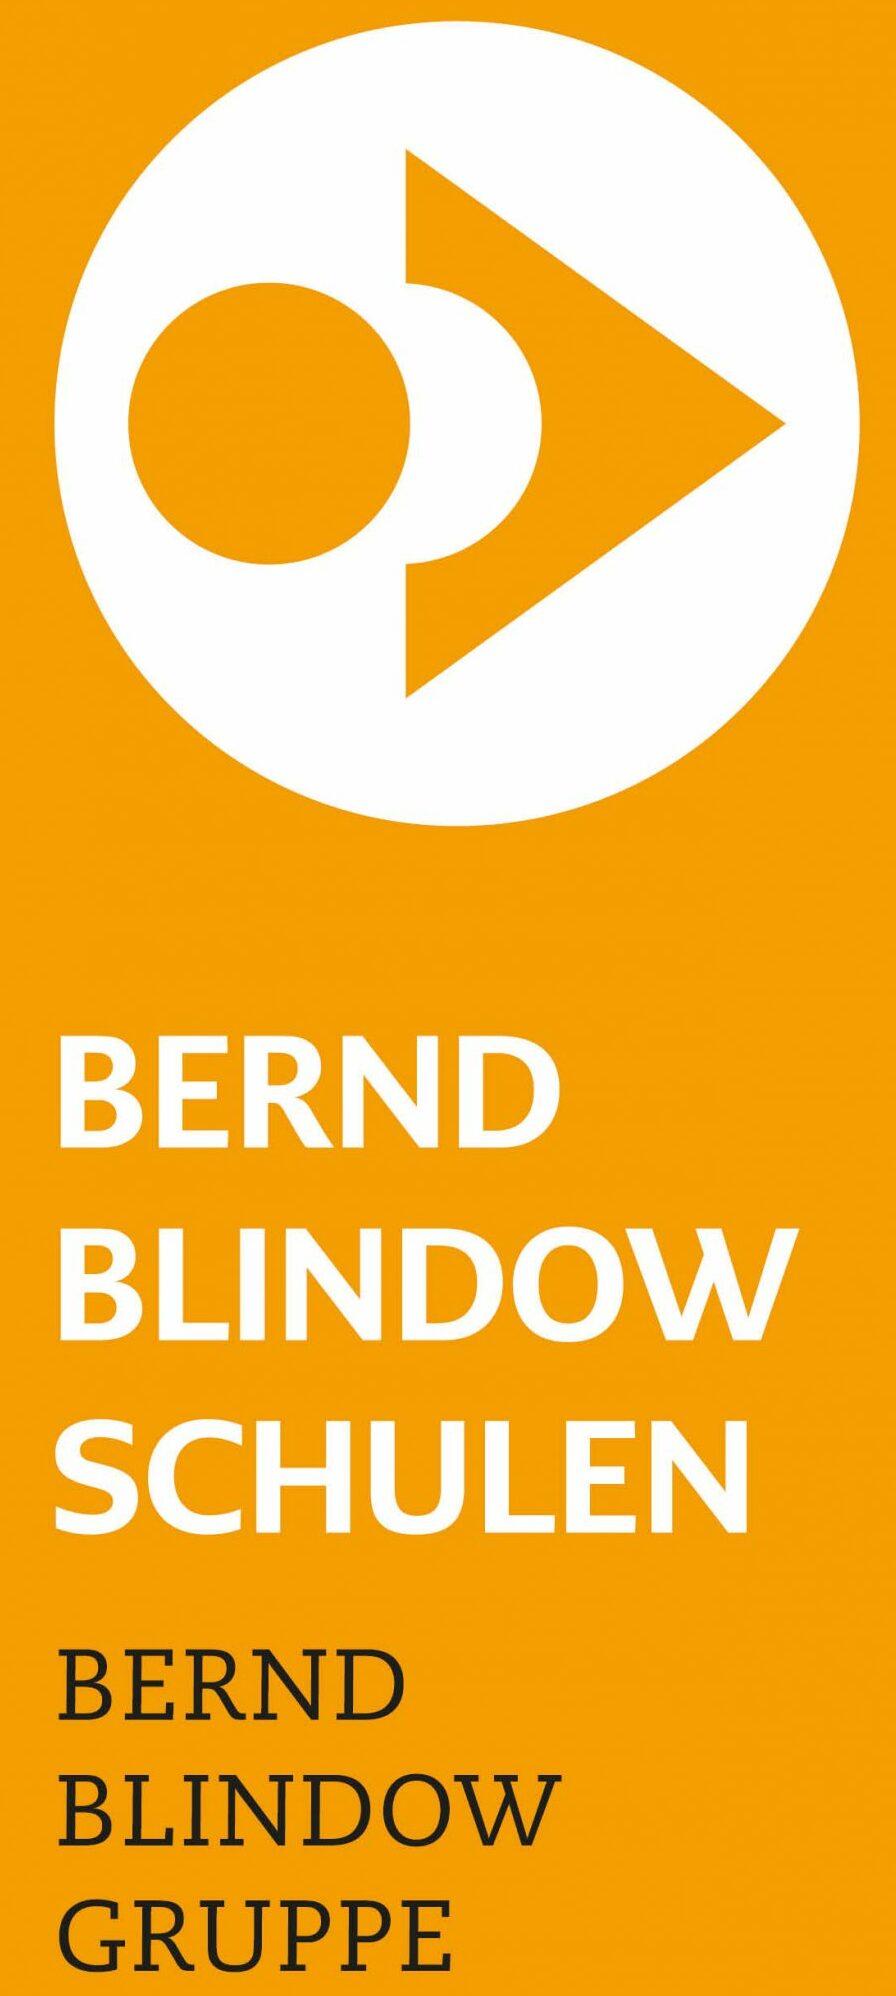 Bernd-Blindow-Schule Friedrichshafen.